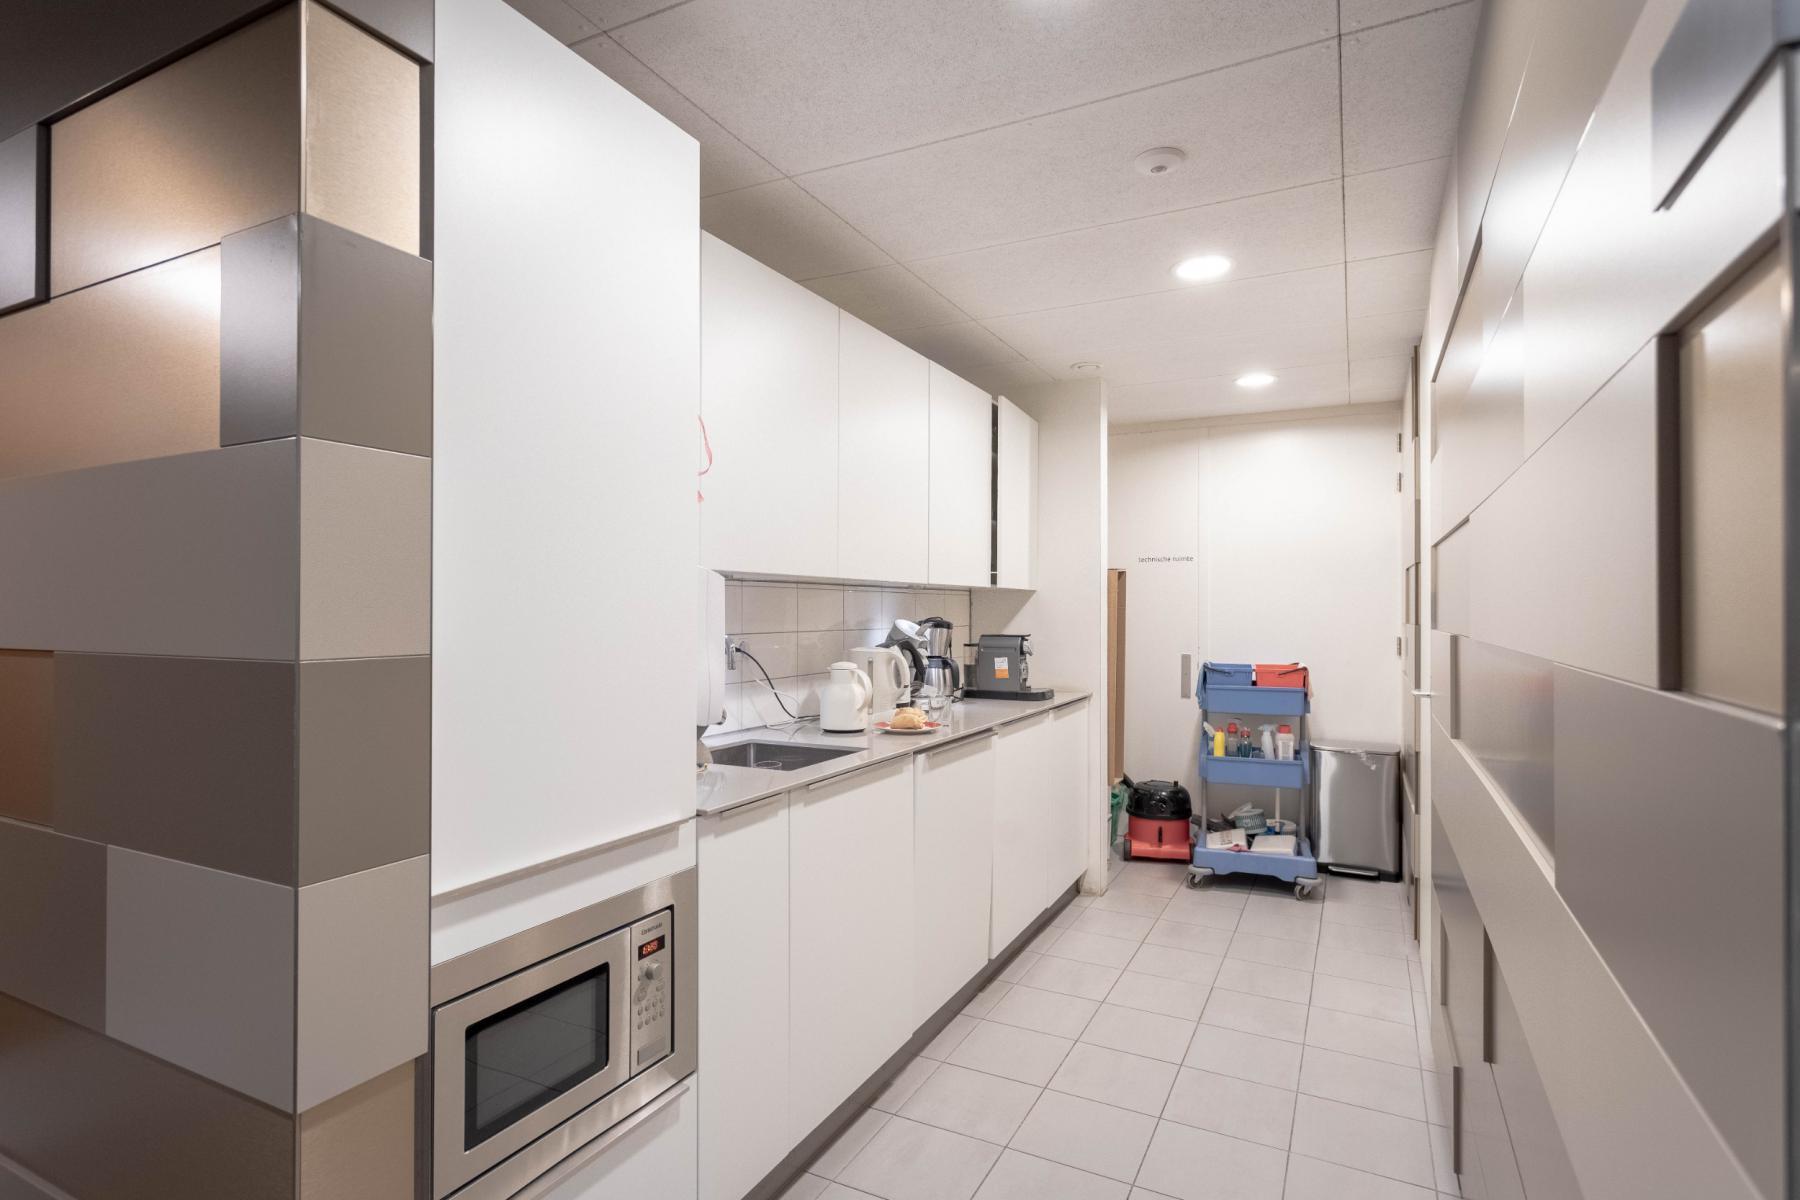 Ruim keukenblok oven koelkast Utrecht kantoor